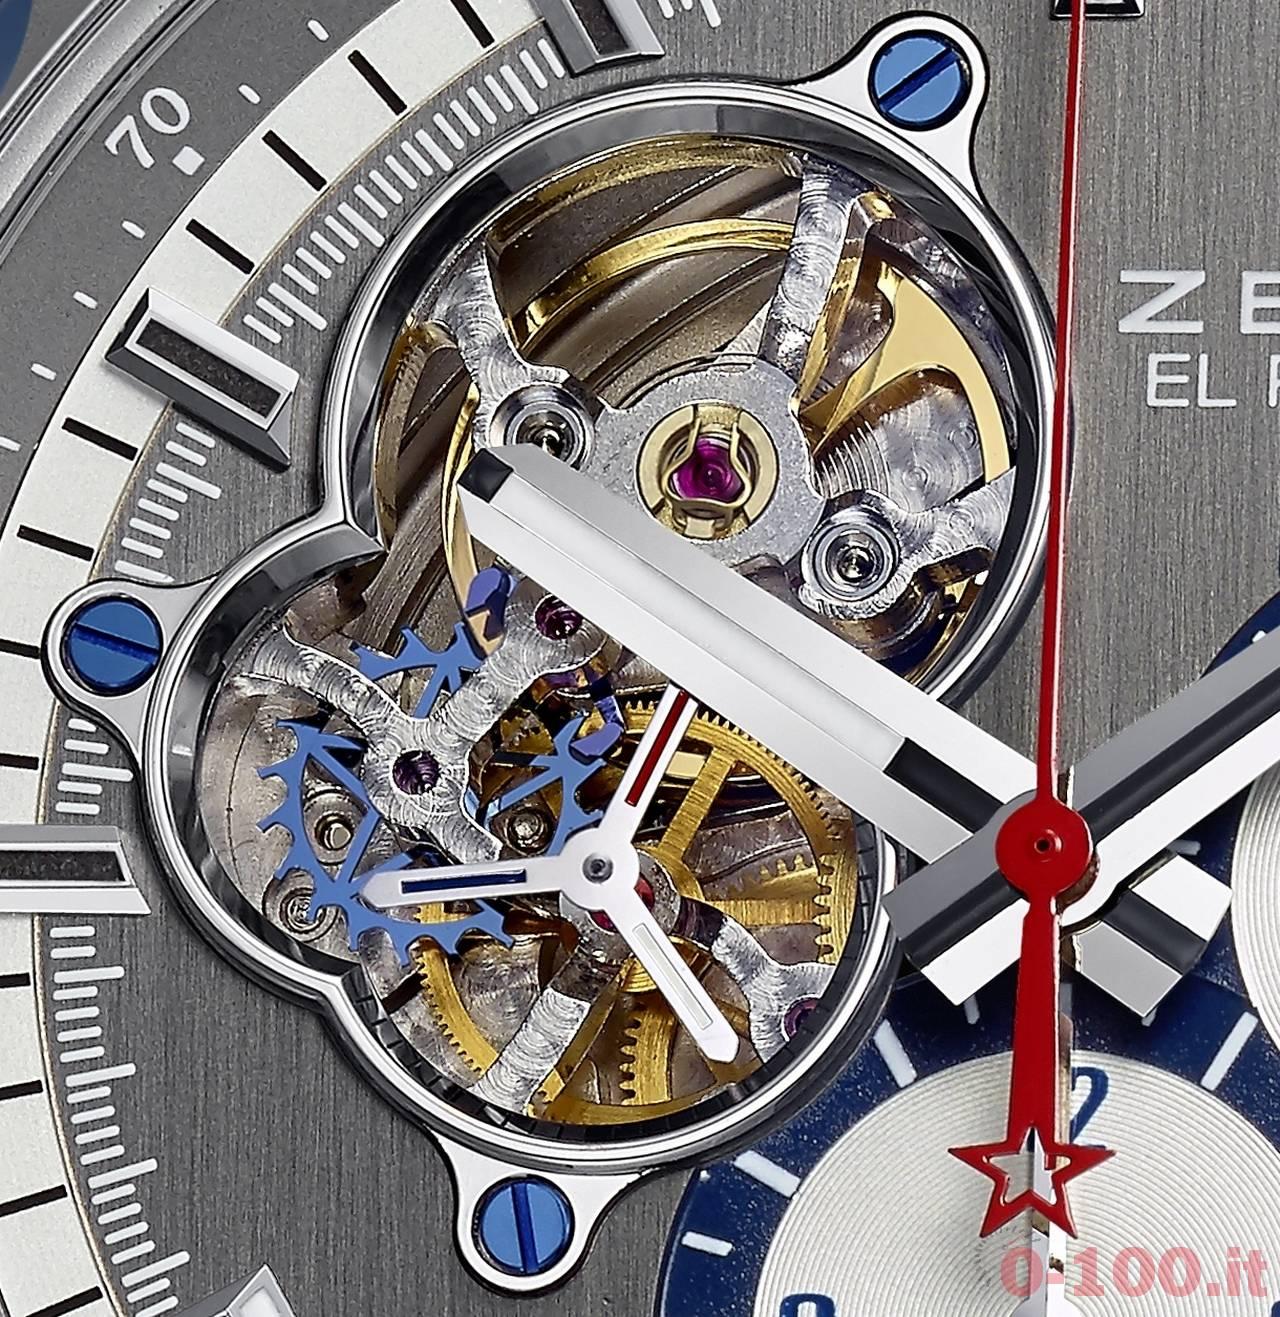 zenith-el-primero-chronomaster-1969-tour-auto-edition-prezzo-price_0-1008